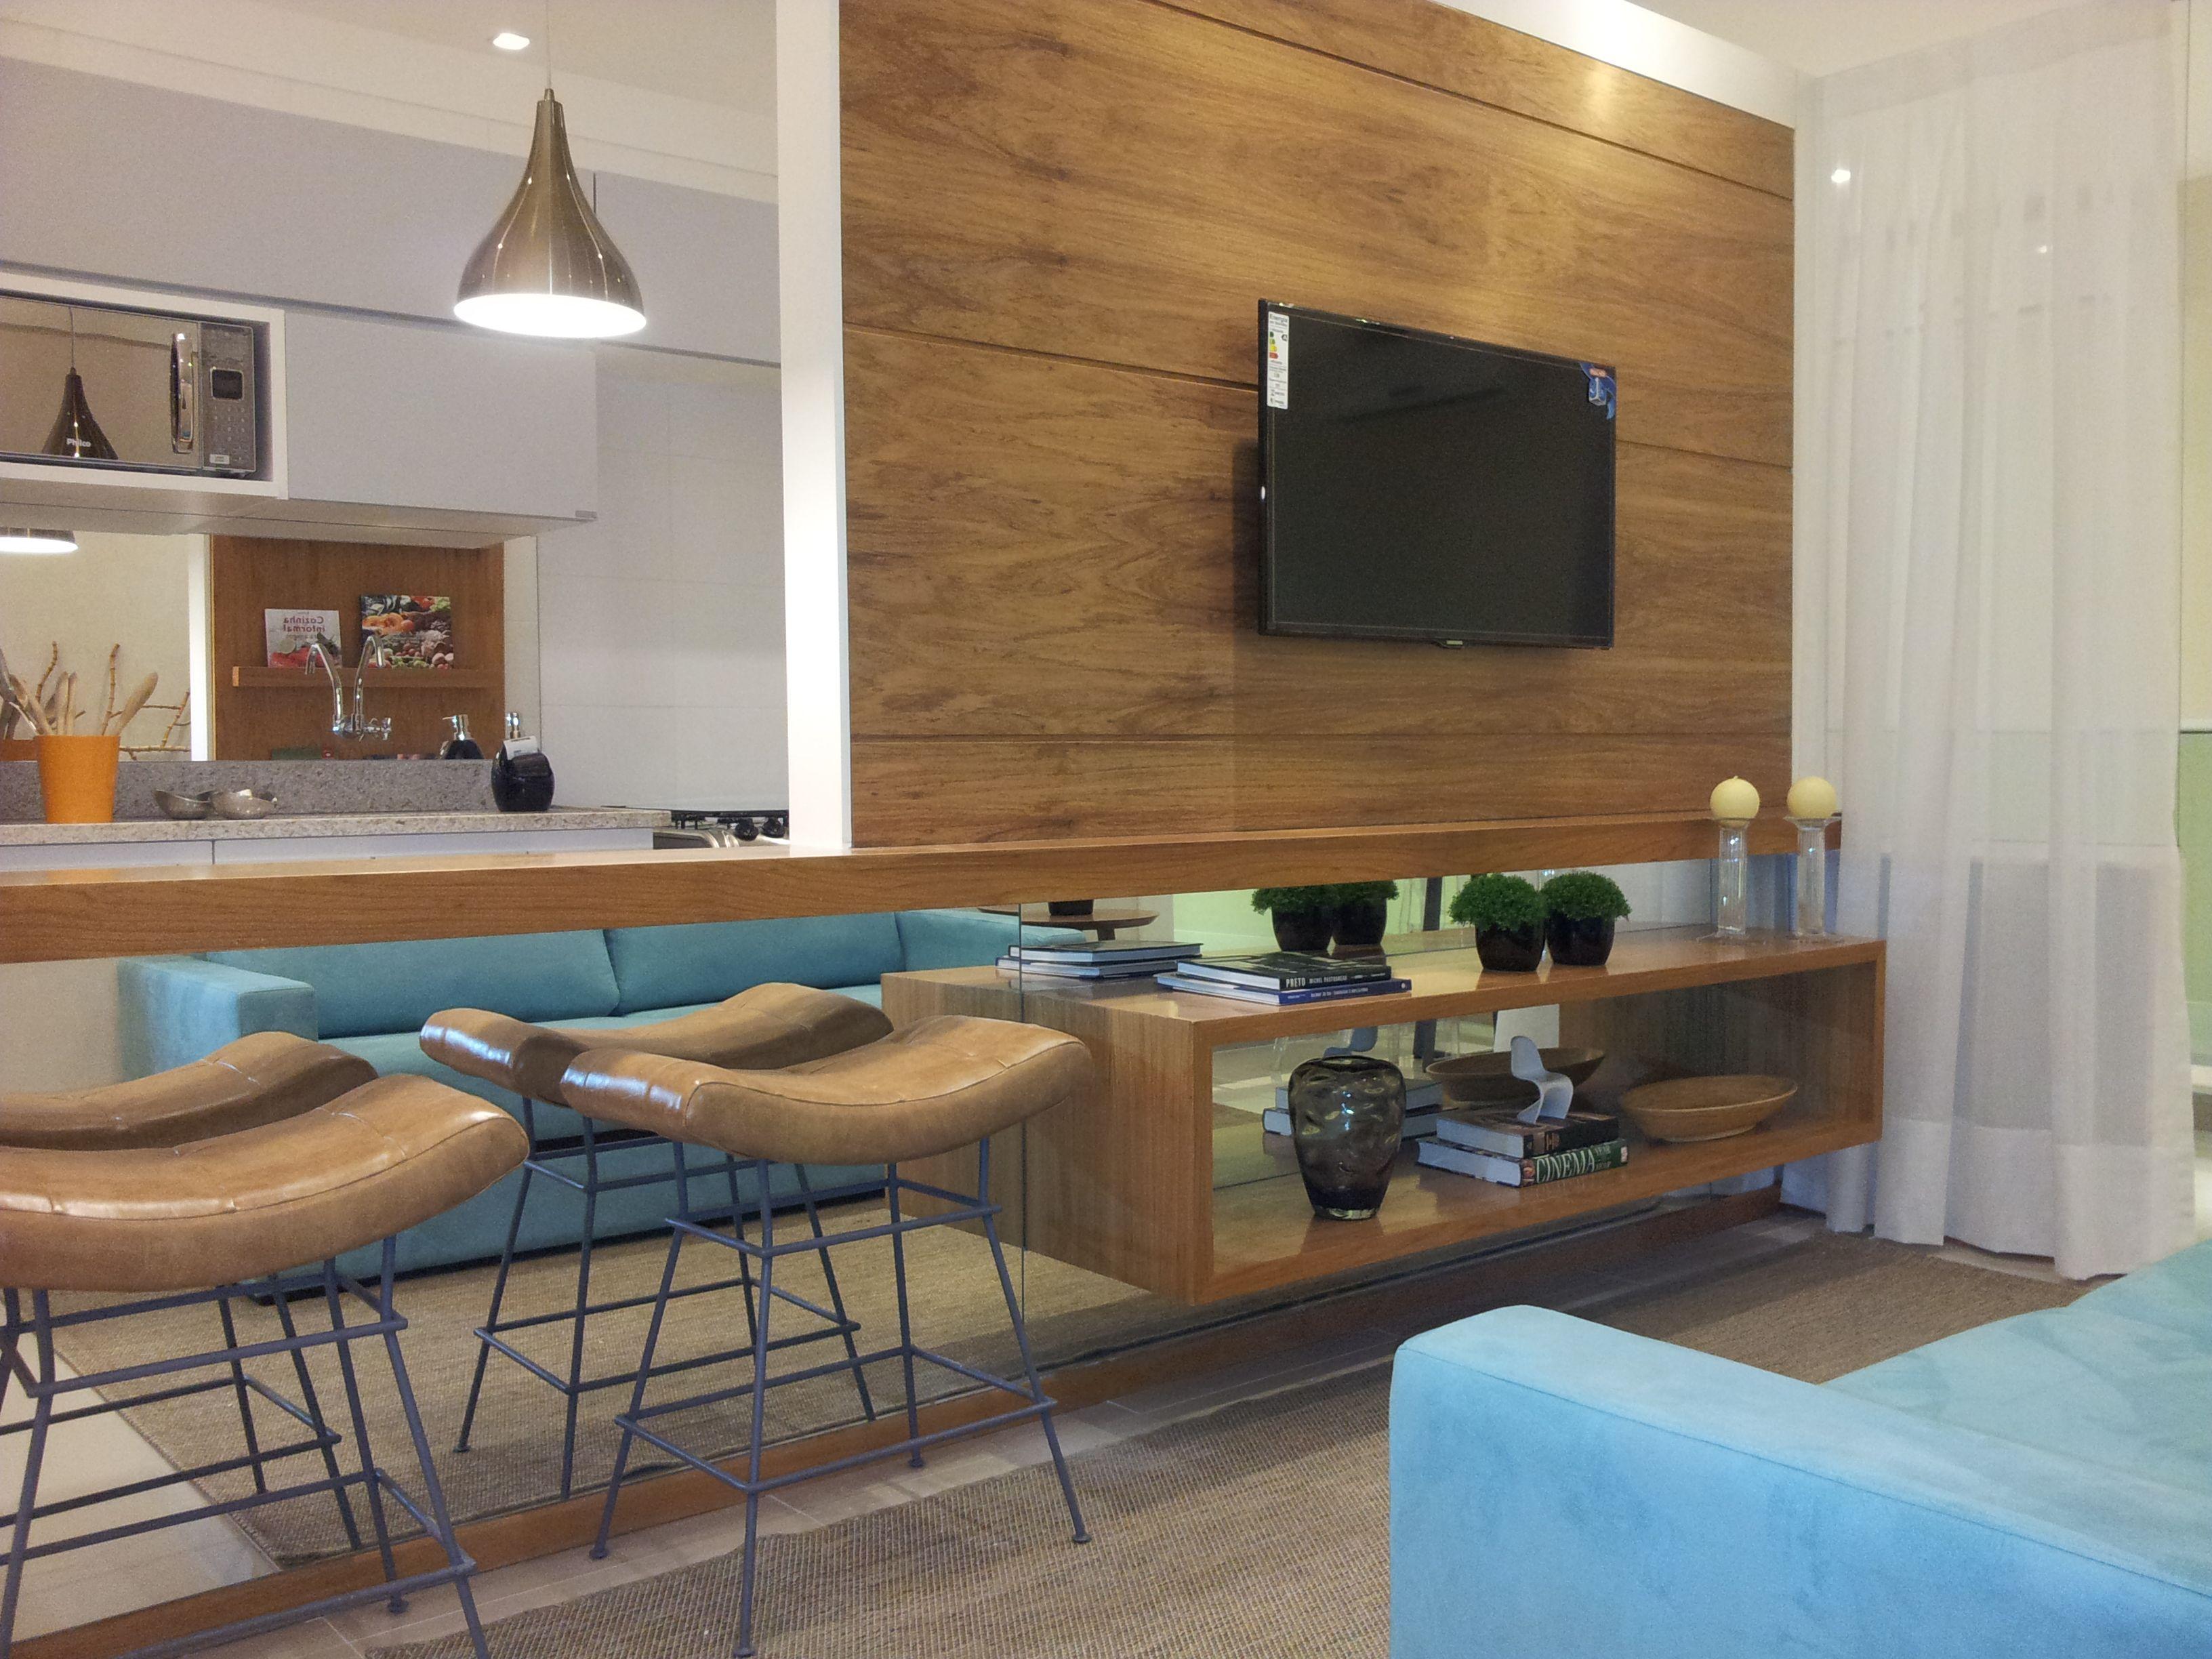 Para Sala Pequena Espelho Ambiente Integrado Sala E Cozinha